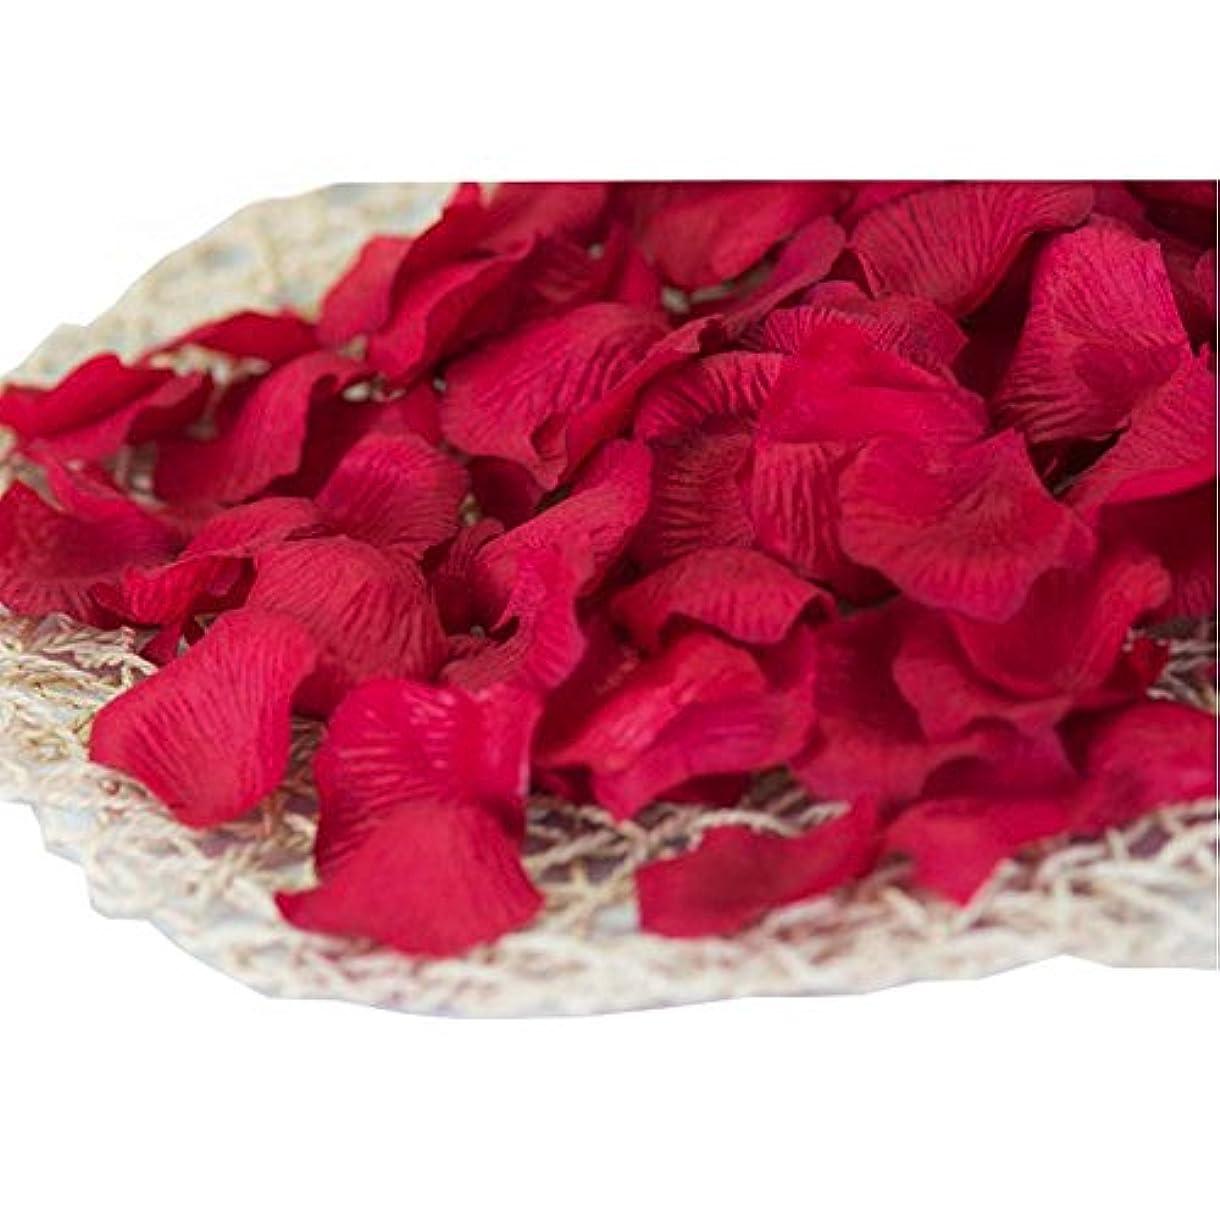 若い分析的心配する840の結婚式のための暗赤色の人工ローズフラワーの花びら